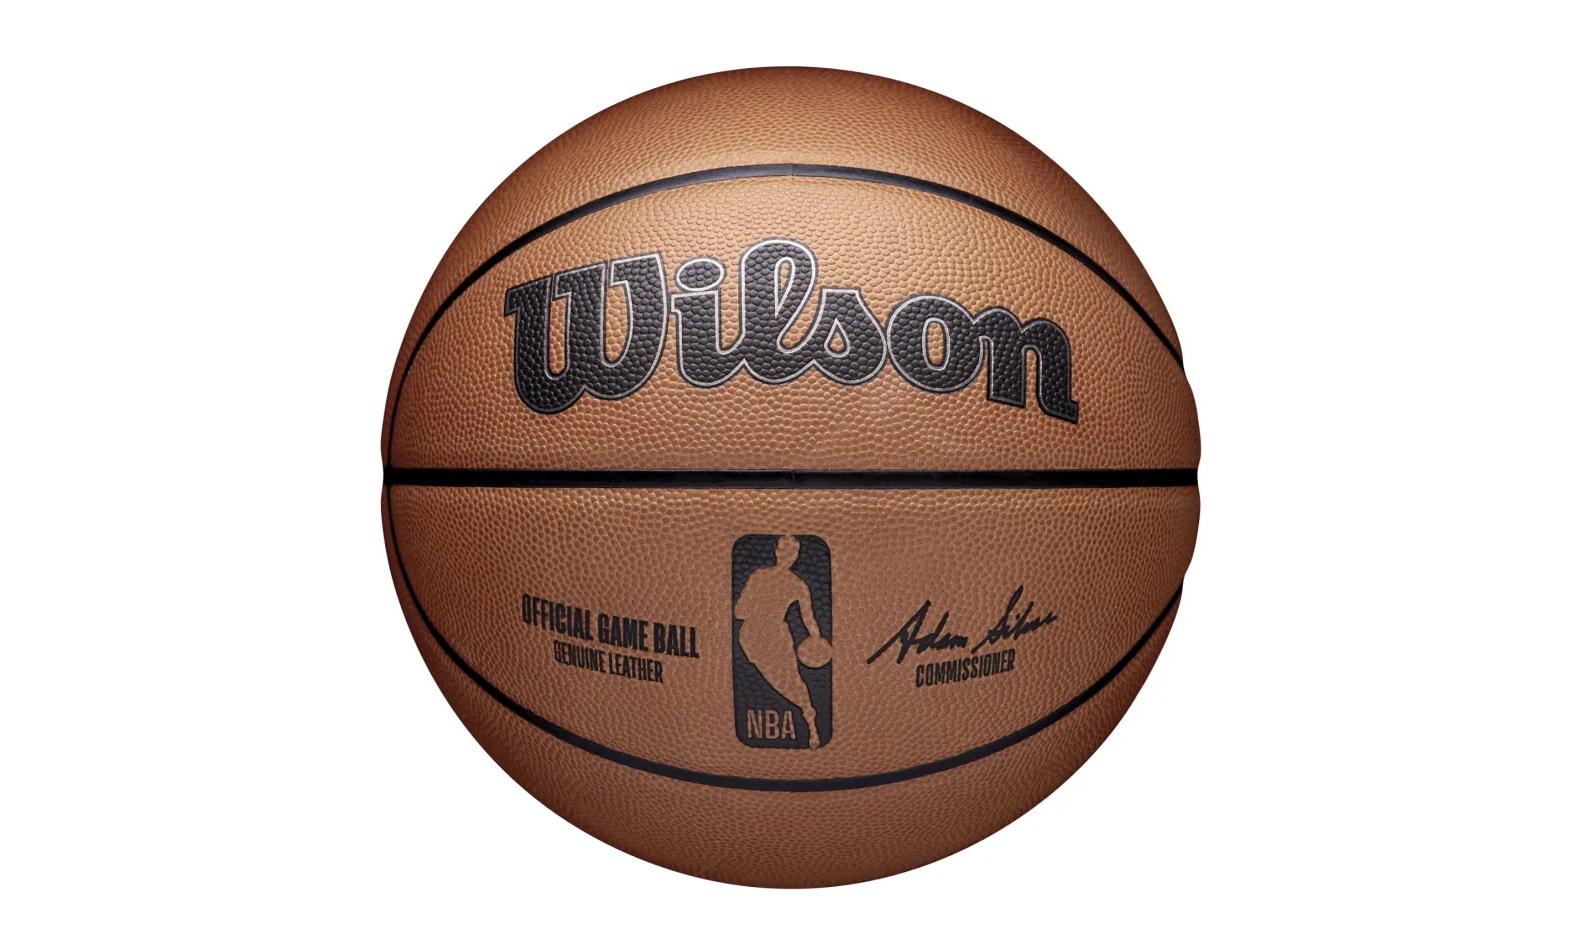 Wilson 公布 2021-2022 NBA 新赛季官方用球